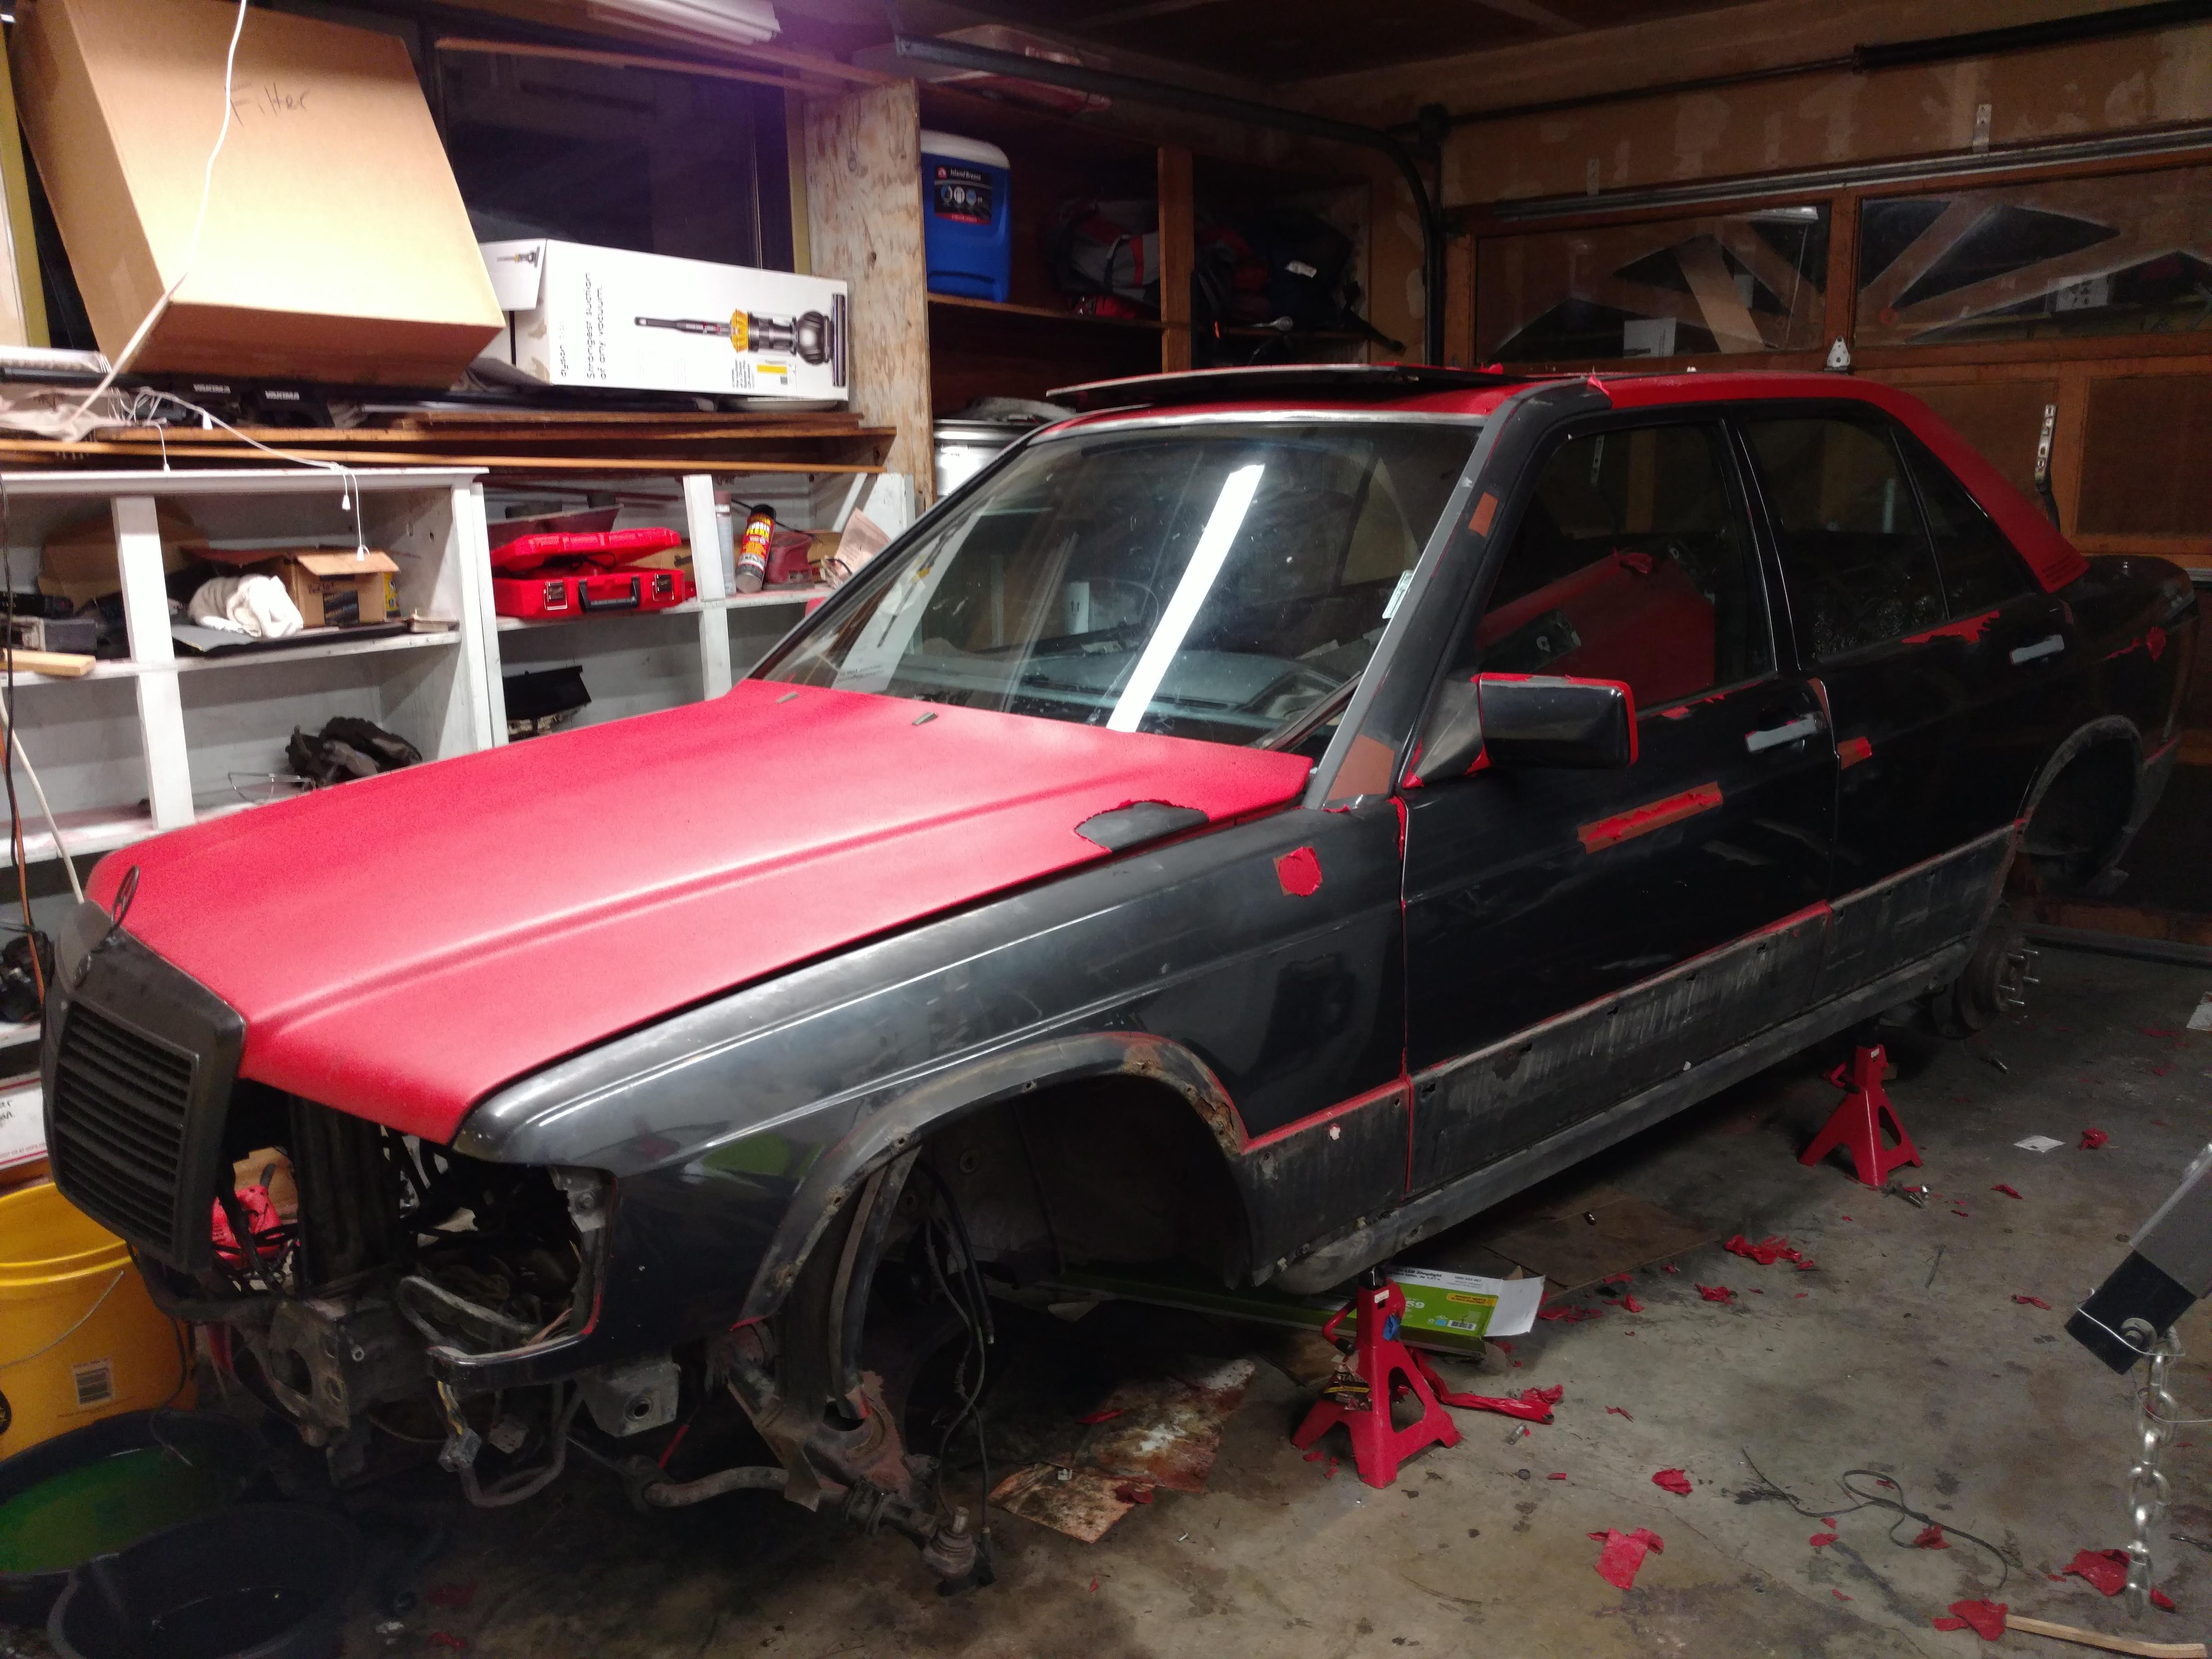 Used Car Dealers Joplin Missouri